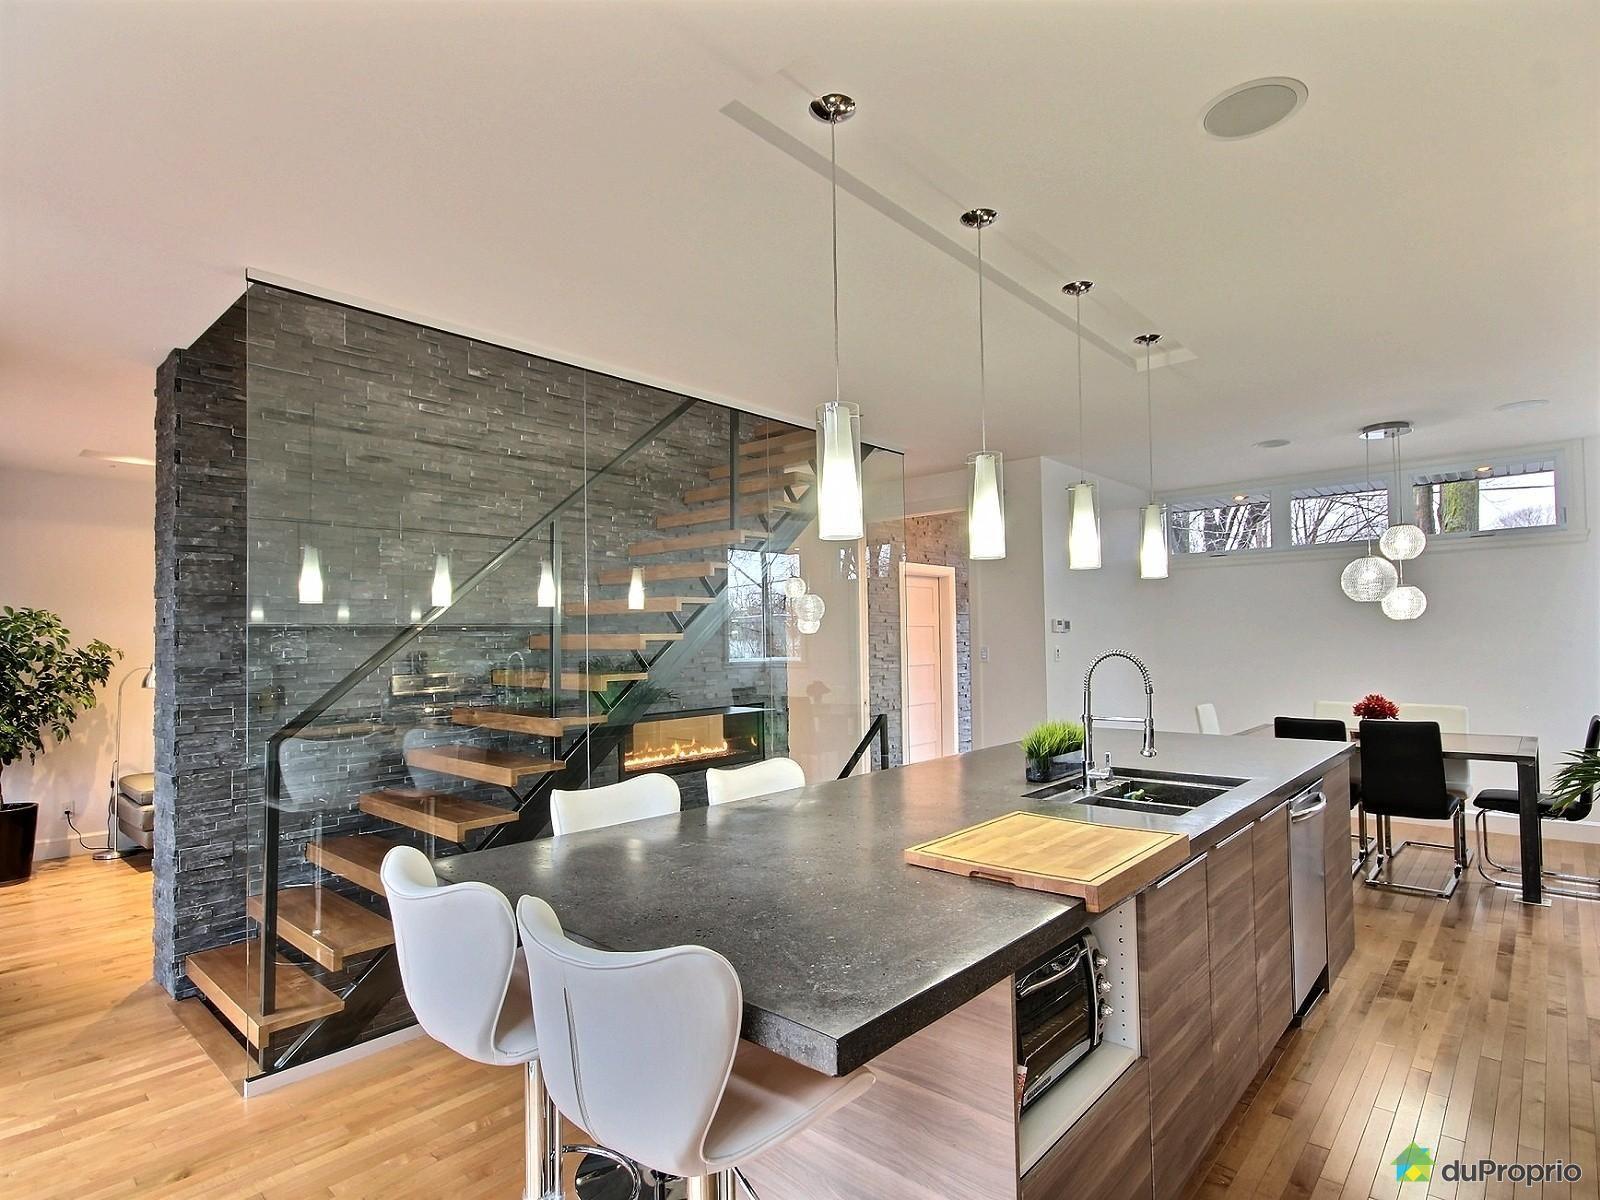 Une cuisine moderne ce grand lot central est parfait l - Renover une cuisine rustique en moderne ...